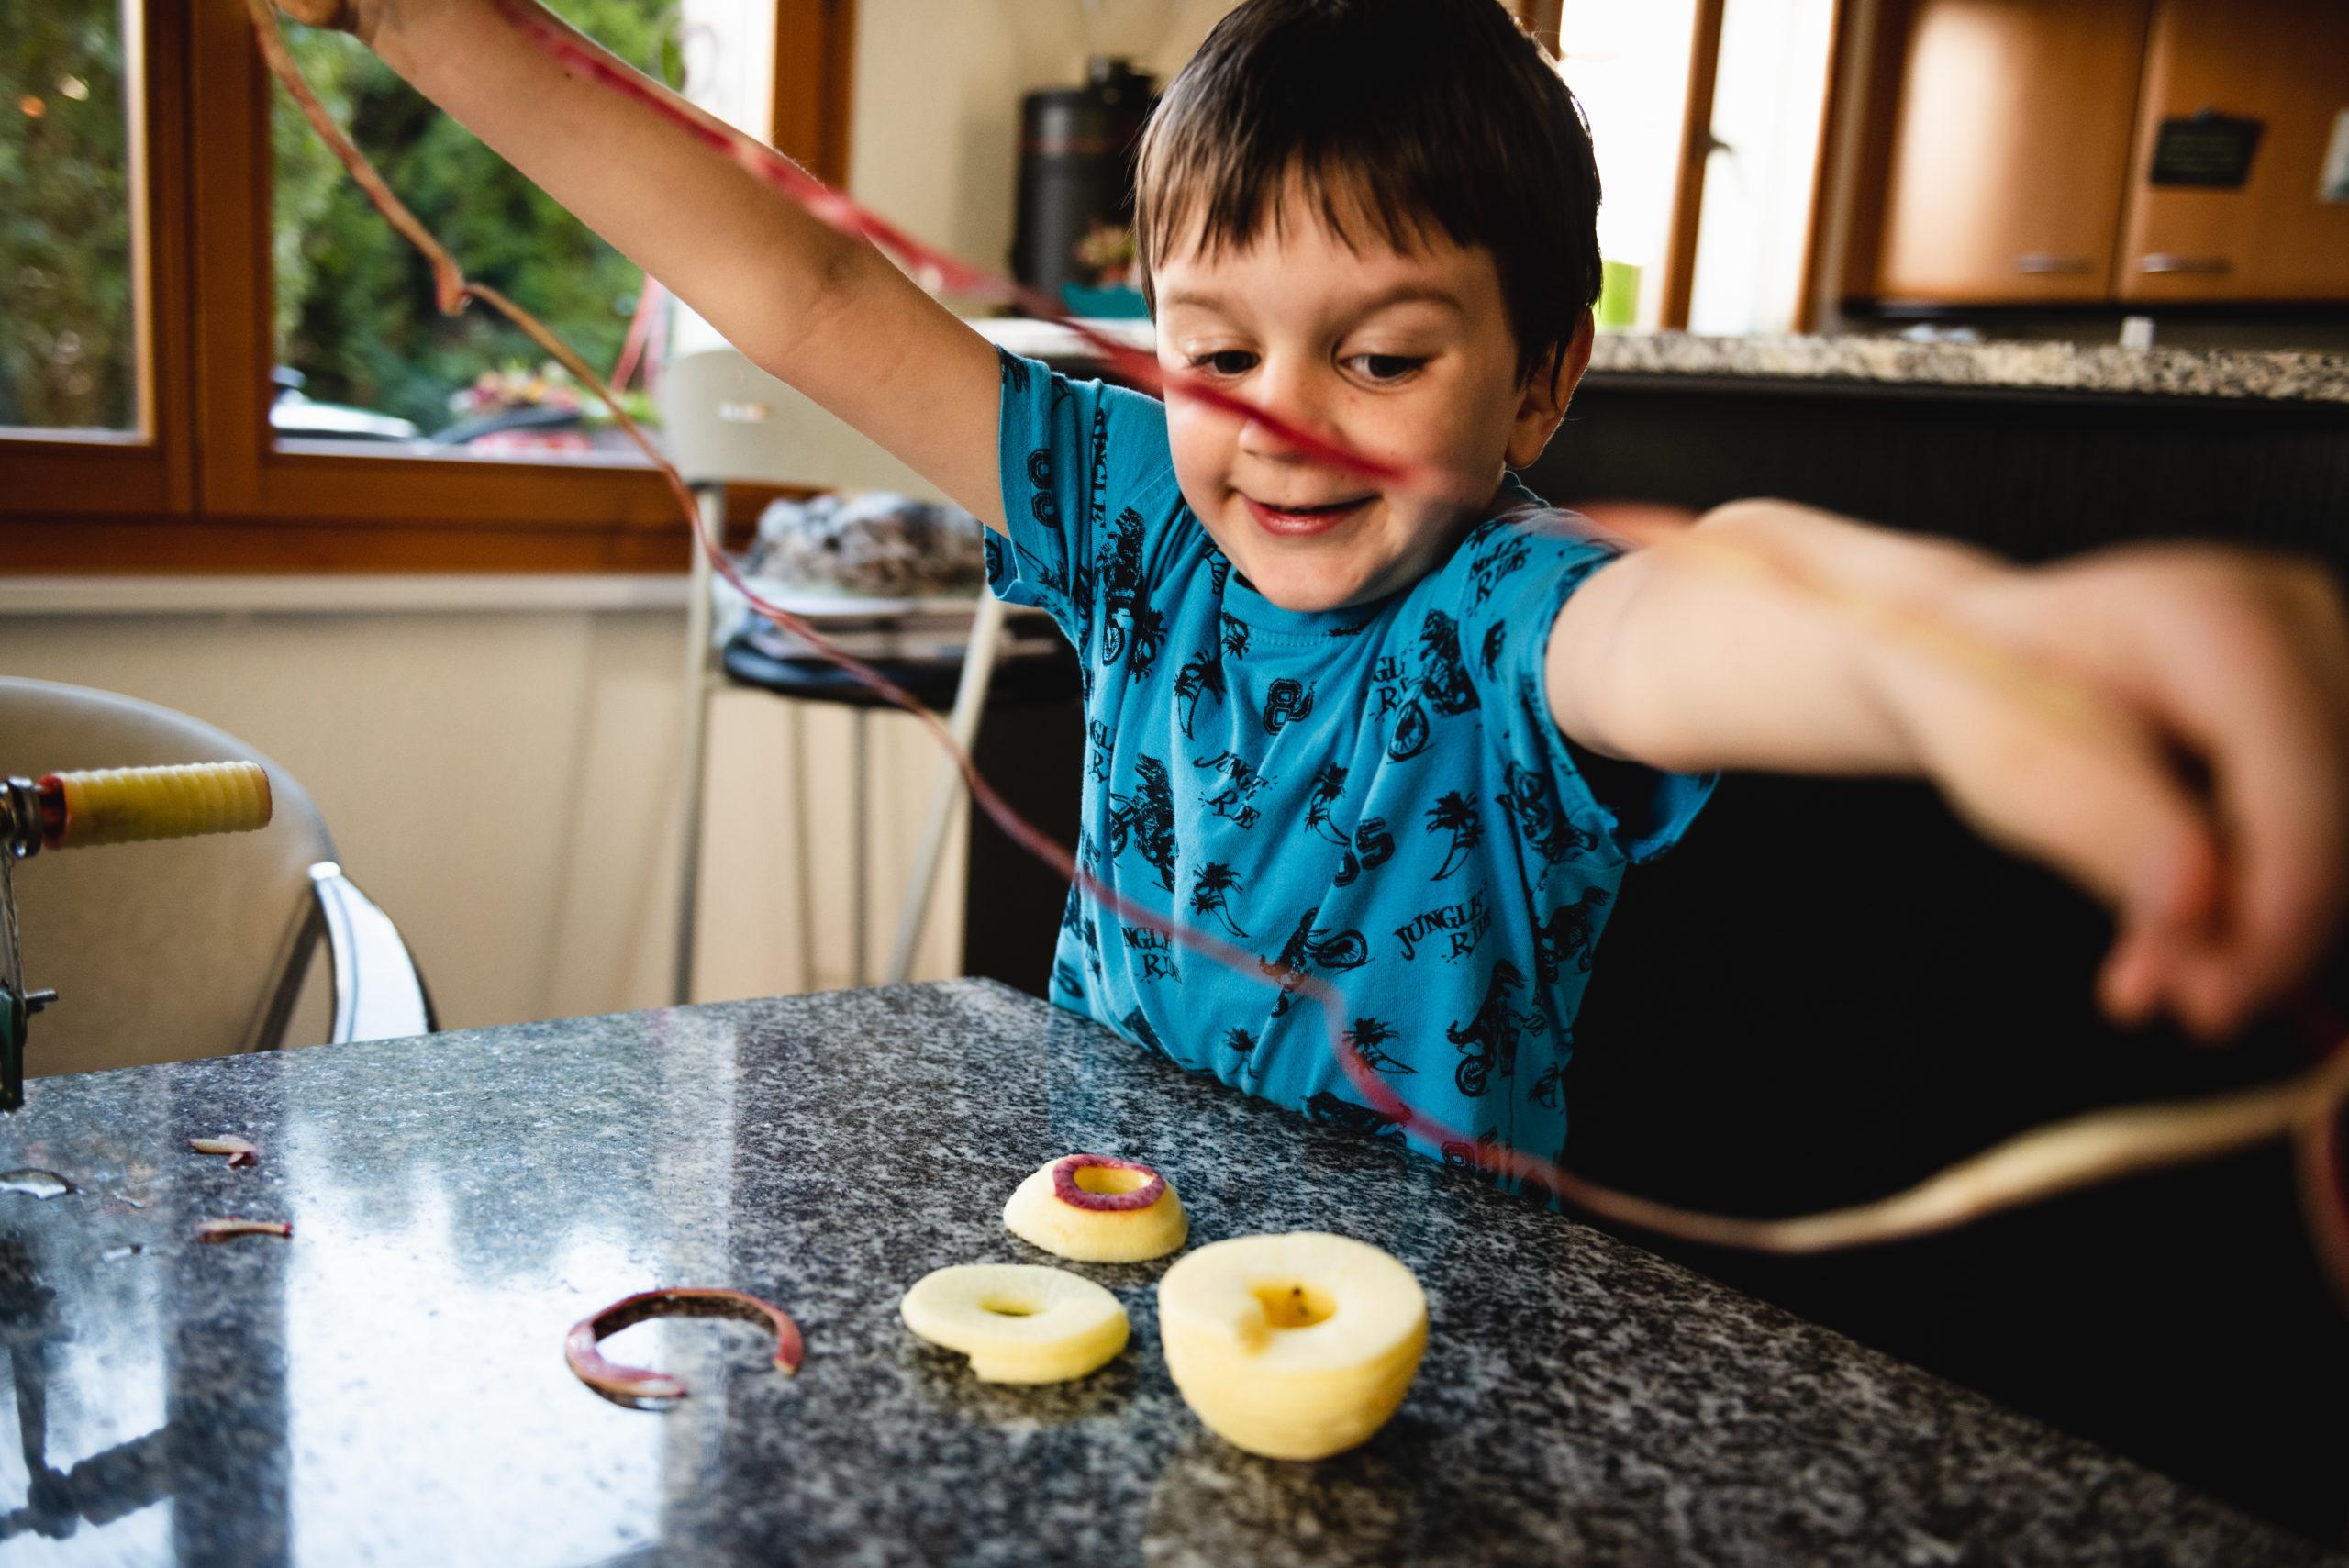 Kind lacht und hält lange Apfelschale in den Händen